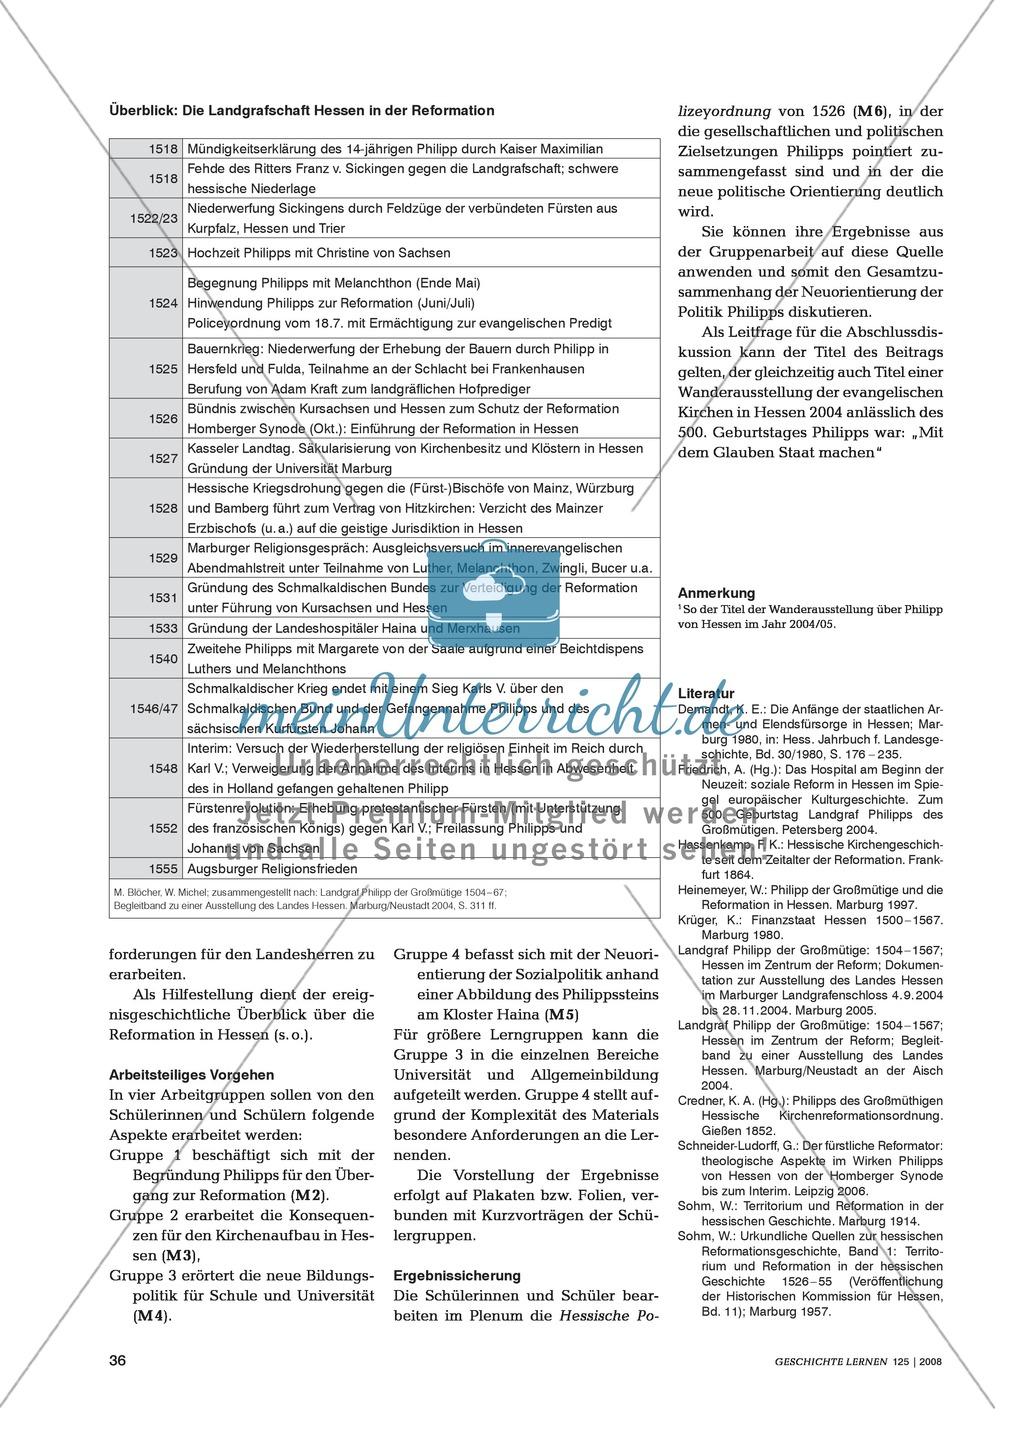 Marco Blöcher, Werner Michel: Quellenanalyse in arbeitsteiliger Gruppenarbeit zu den Auswirkungen der Reformation am Beispiel des Landgrafen Philipp von Hessen Preview 2